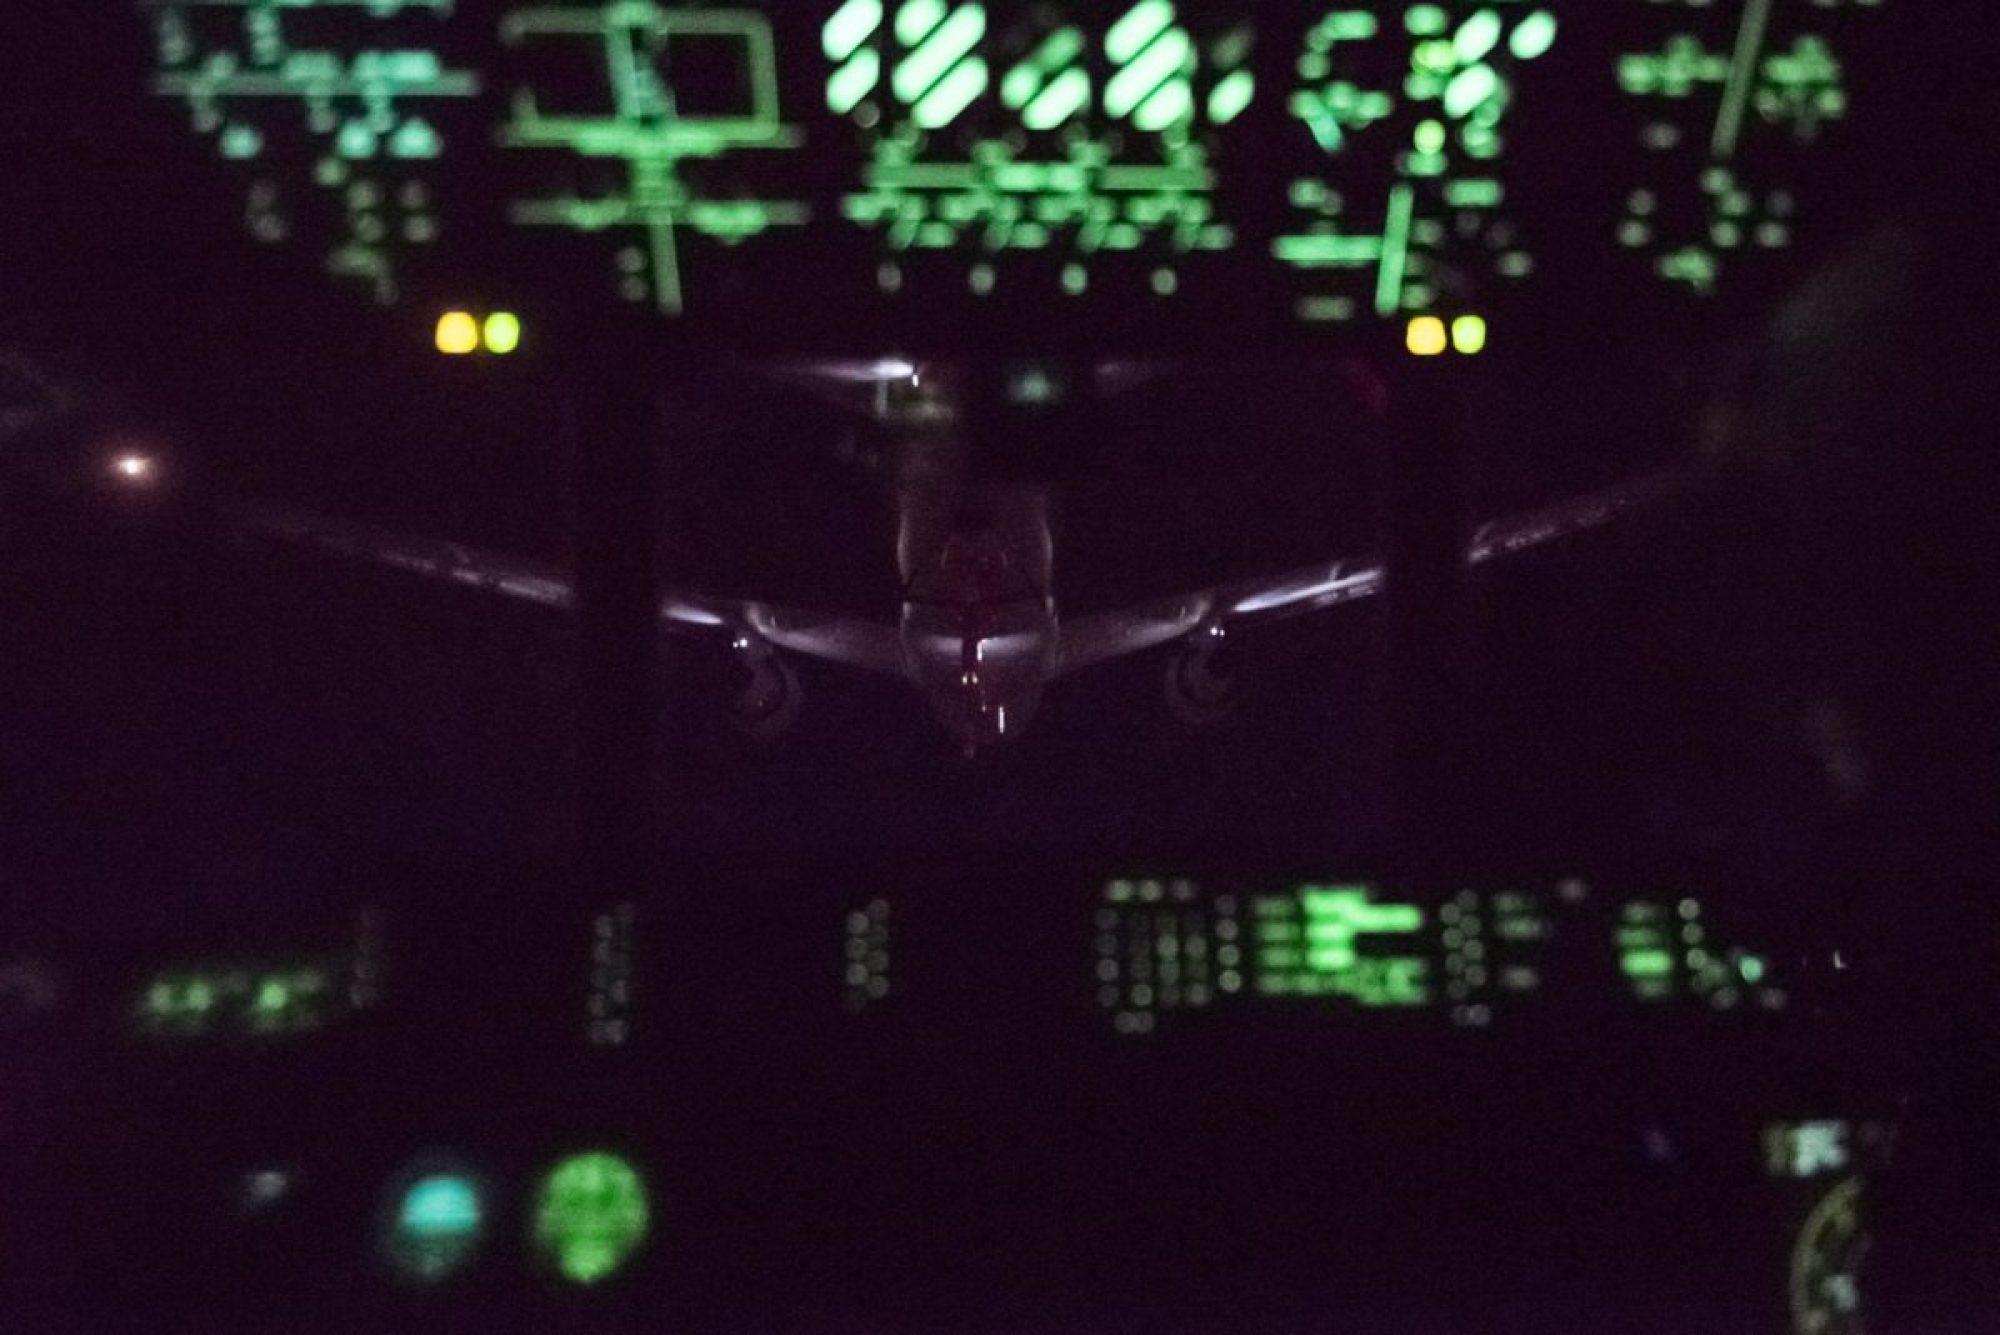 KC-46A Pegasus refuels MC-130J Commando II